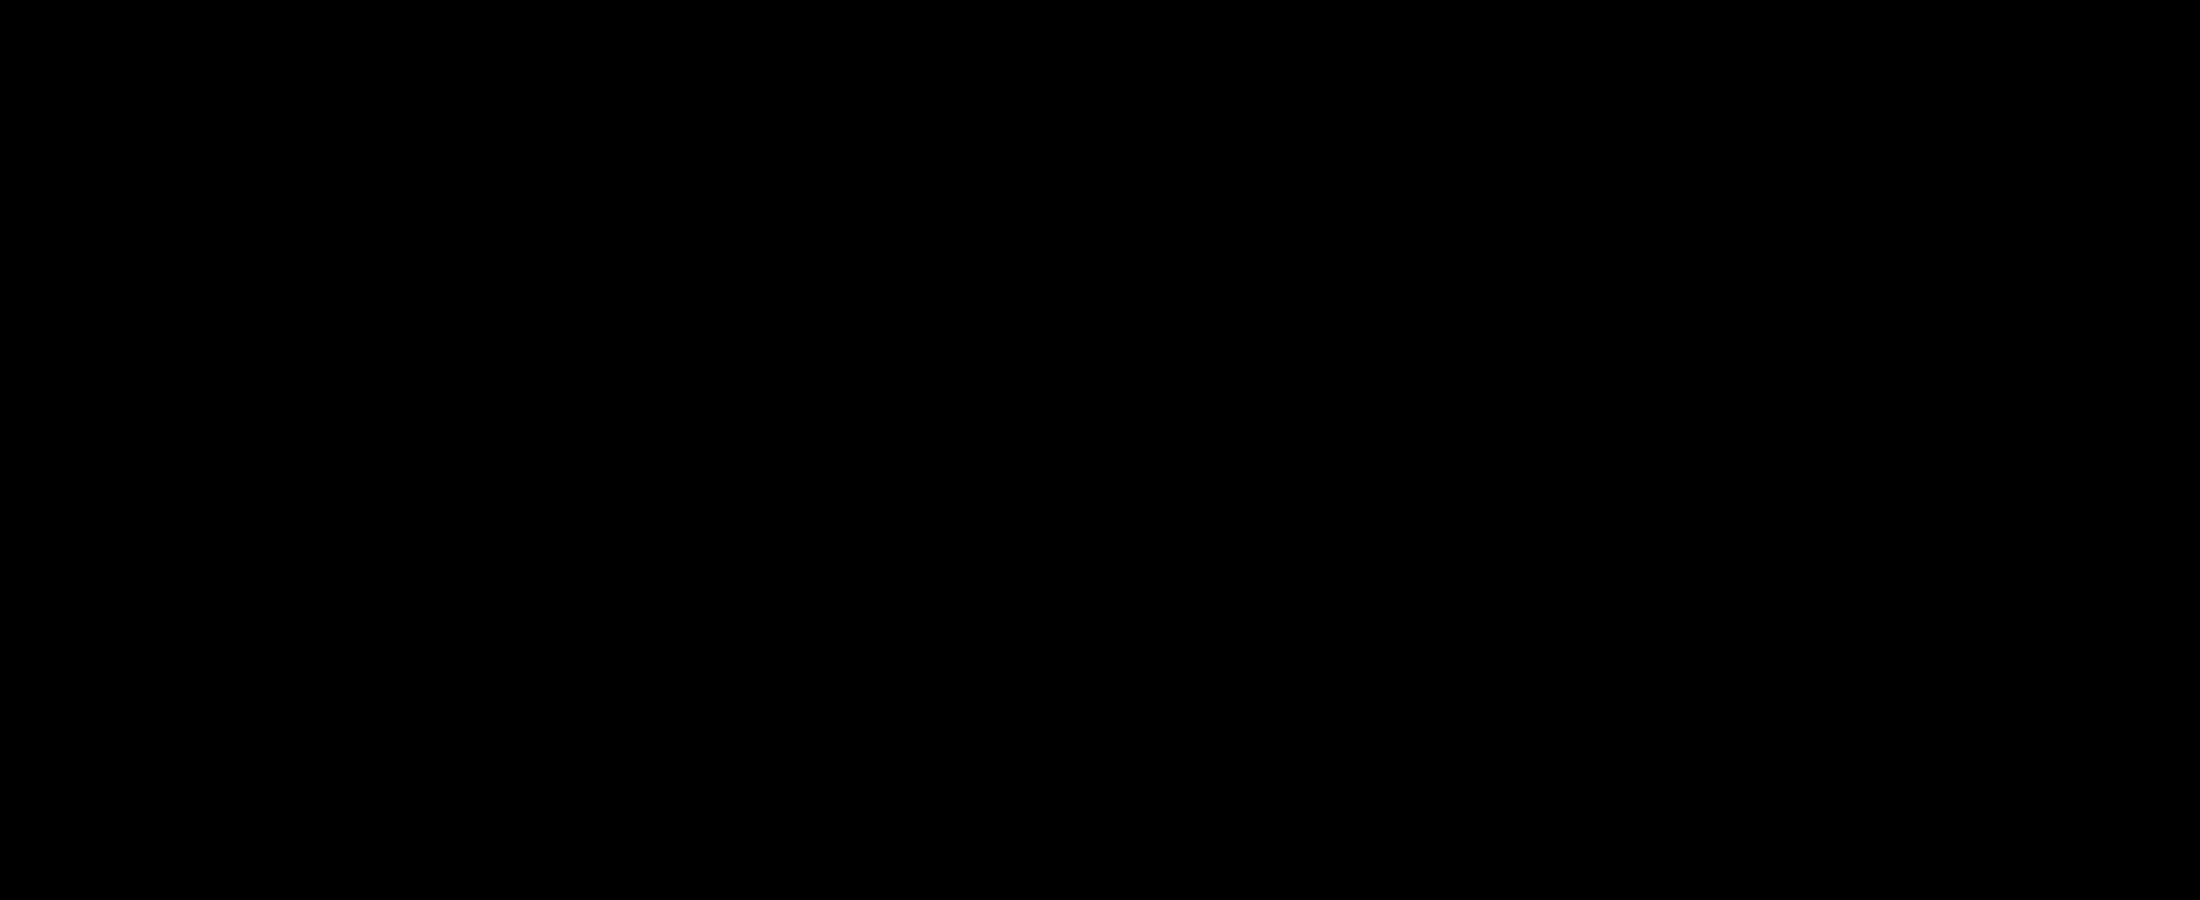 OFERTA DE TRABAJO:  COMERCIAL PARA LAS PROVINCIAS DE SEVILLA, CÓRDOBA  Y MALAGA